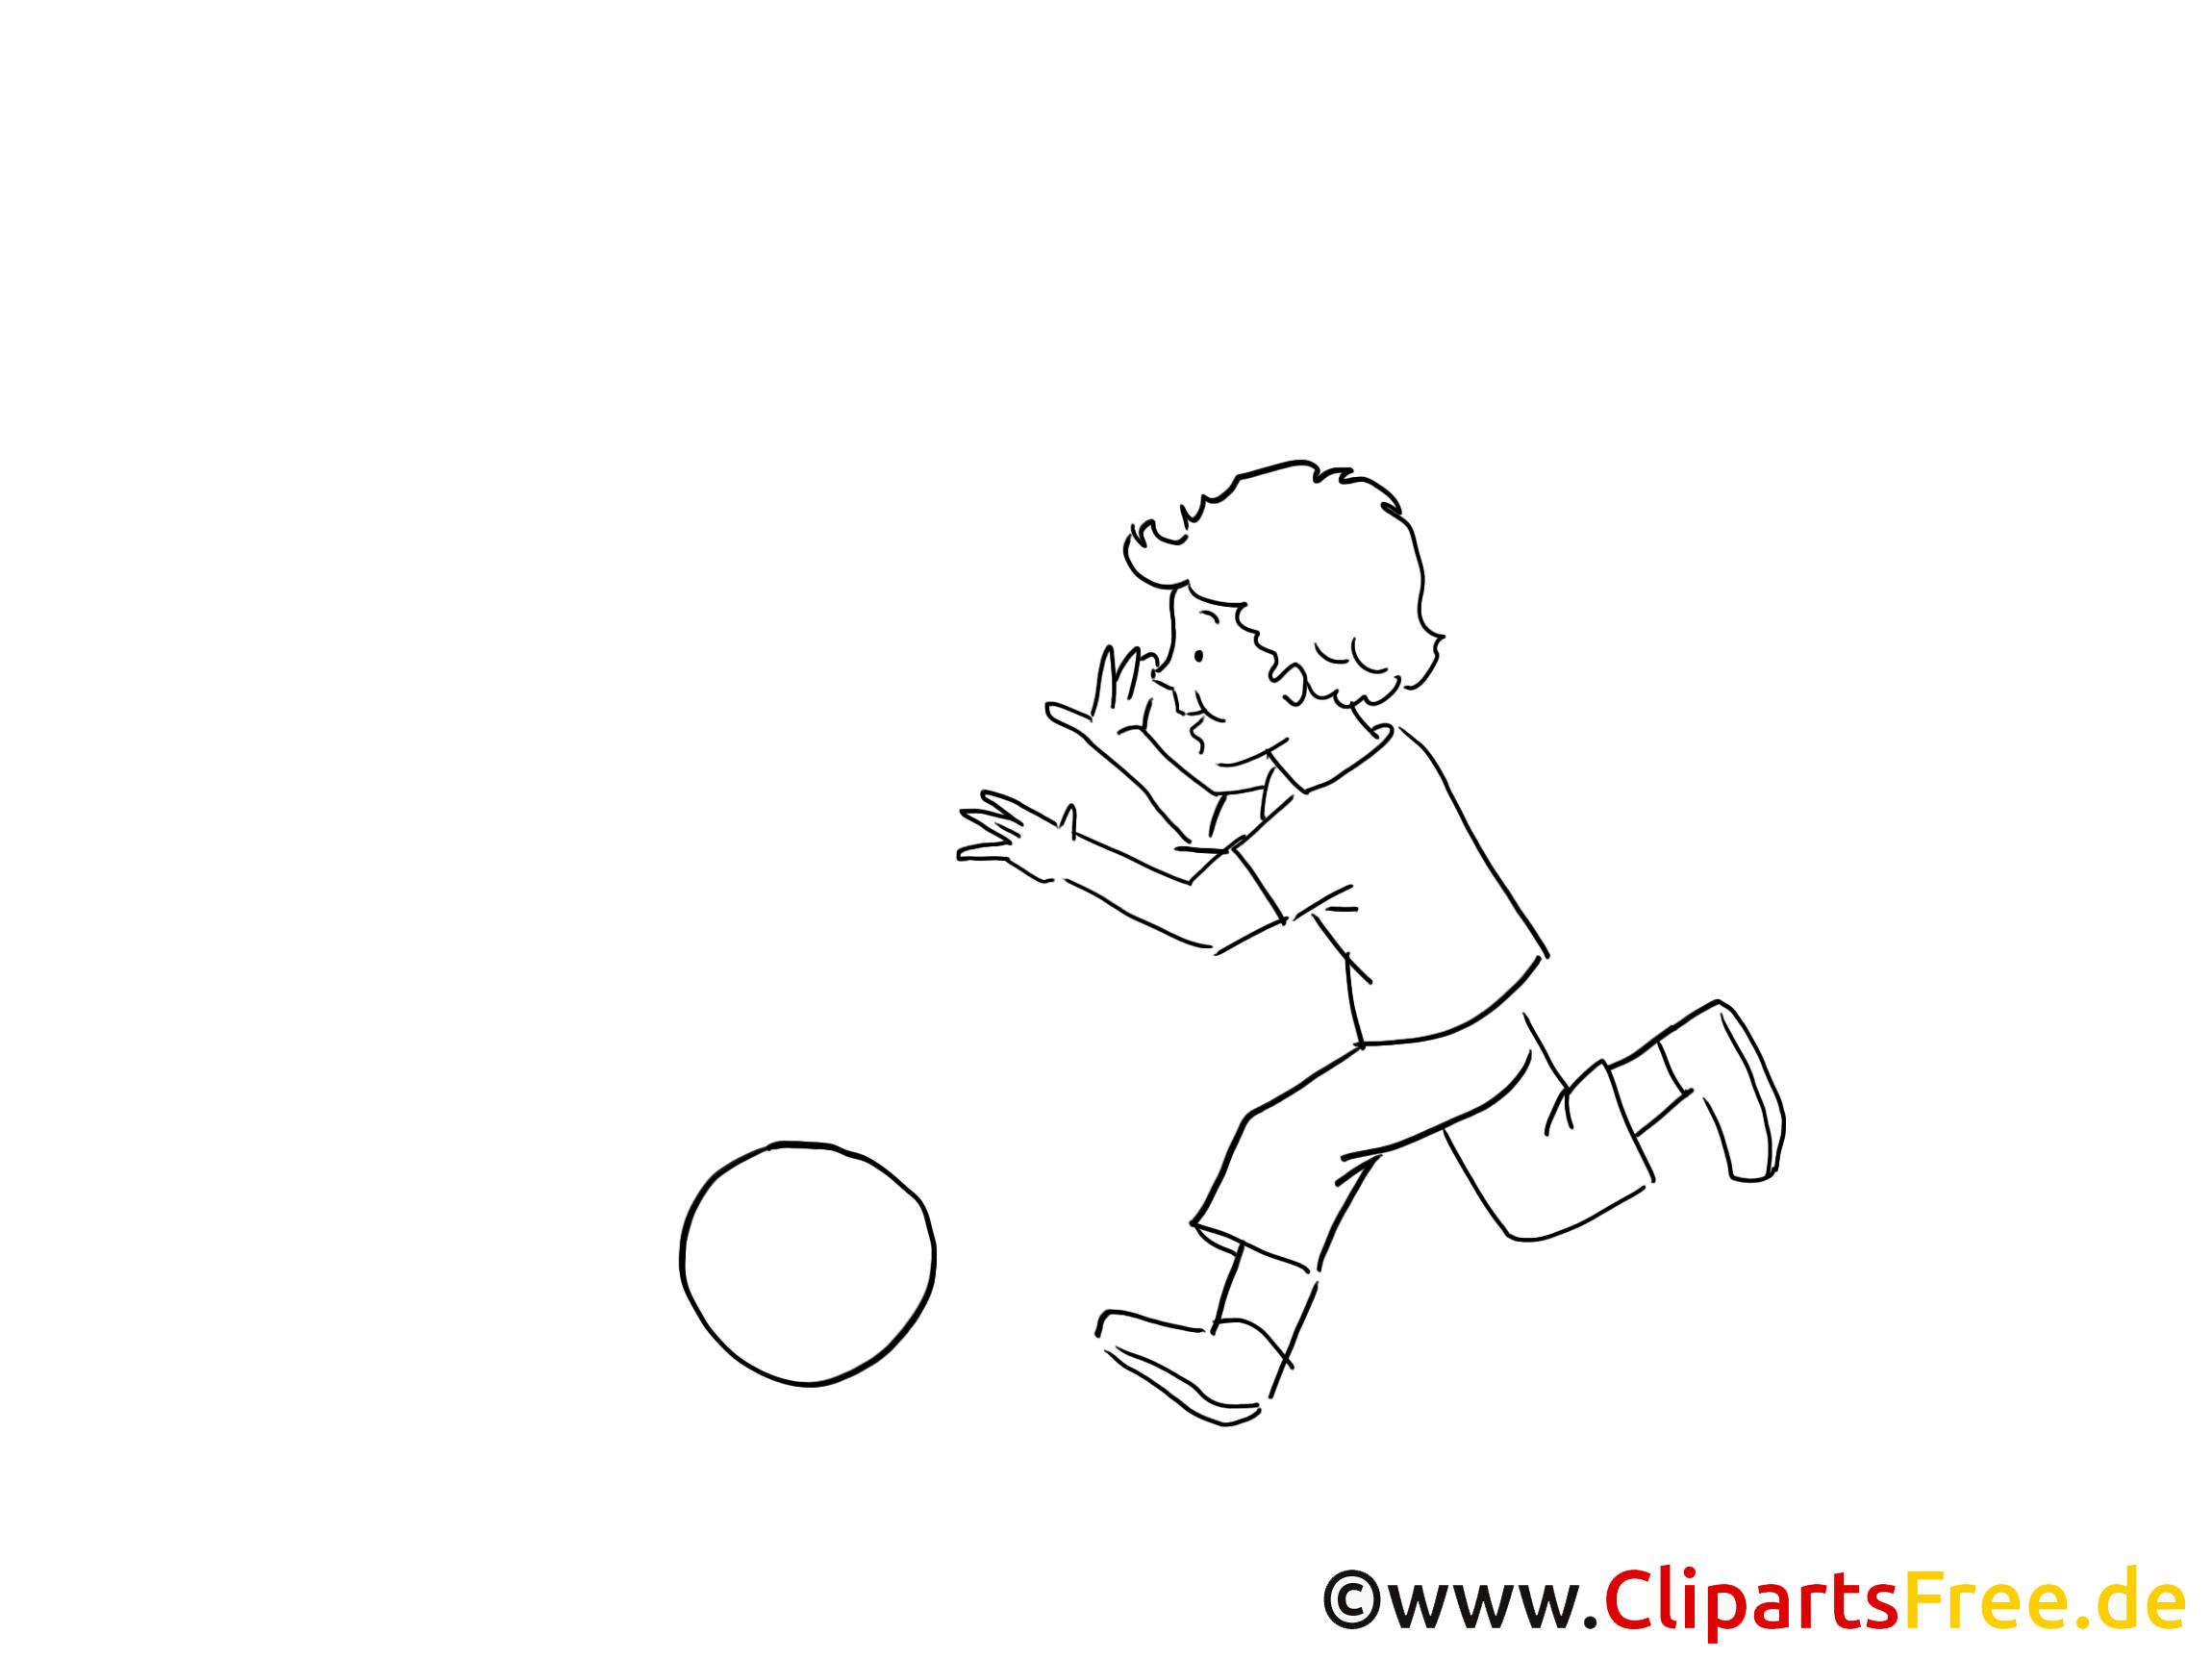 Dessin jouer a la balle - Loisir clip arts gratuits